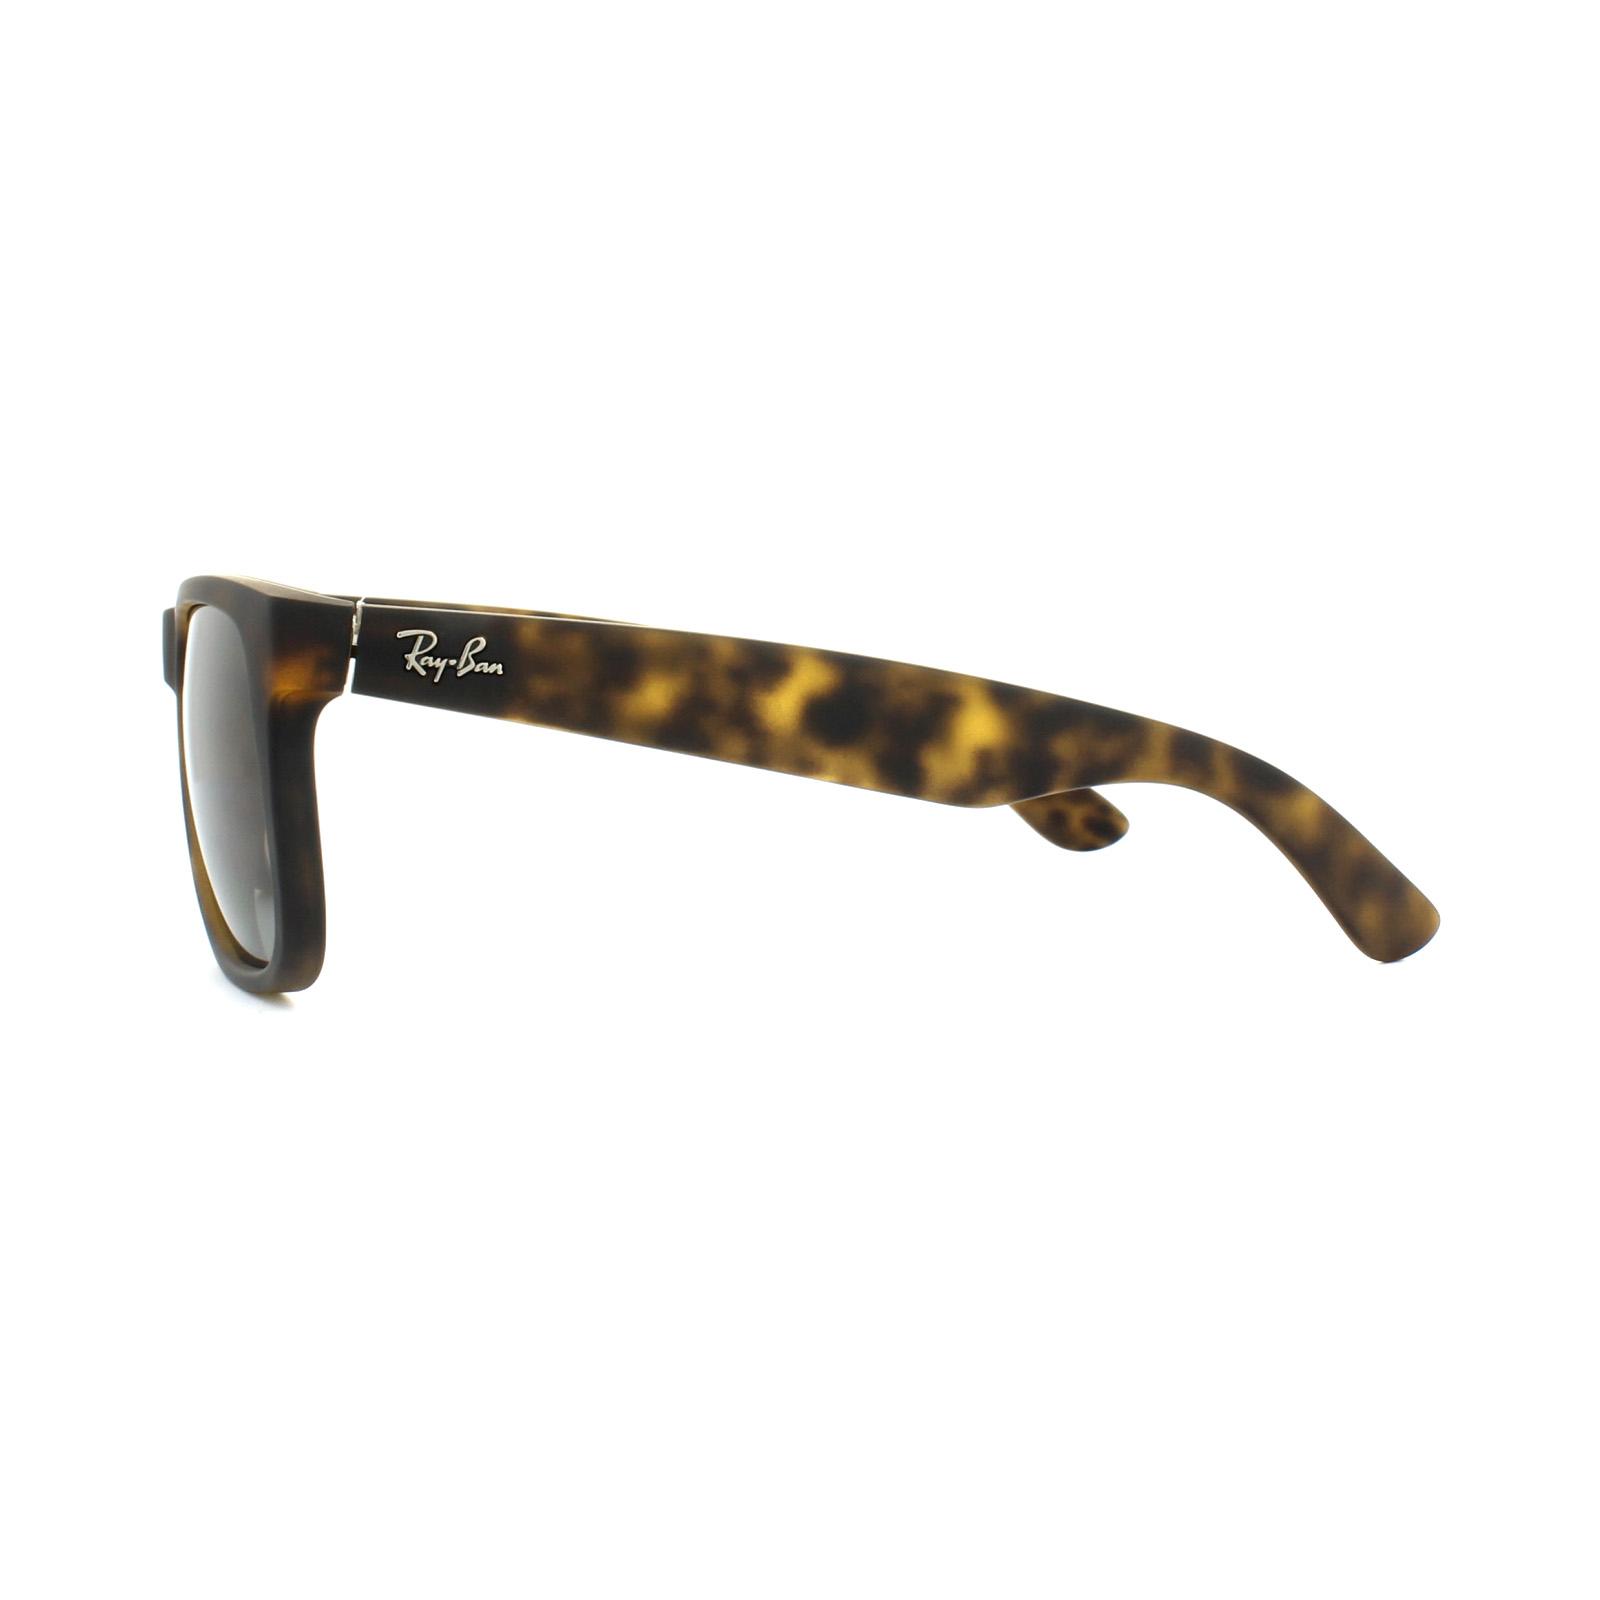 b21d6bc743 Sentinel Ray-Ban Sunglasses Justin 4165 865 T5 Matt Havana Brown Gradient  Polarized Large